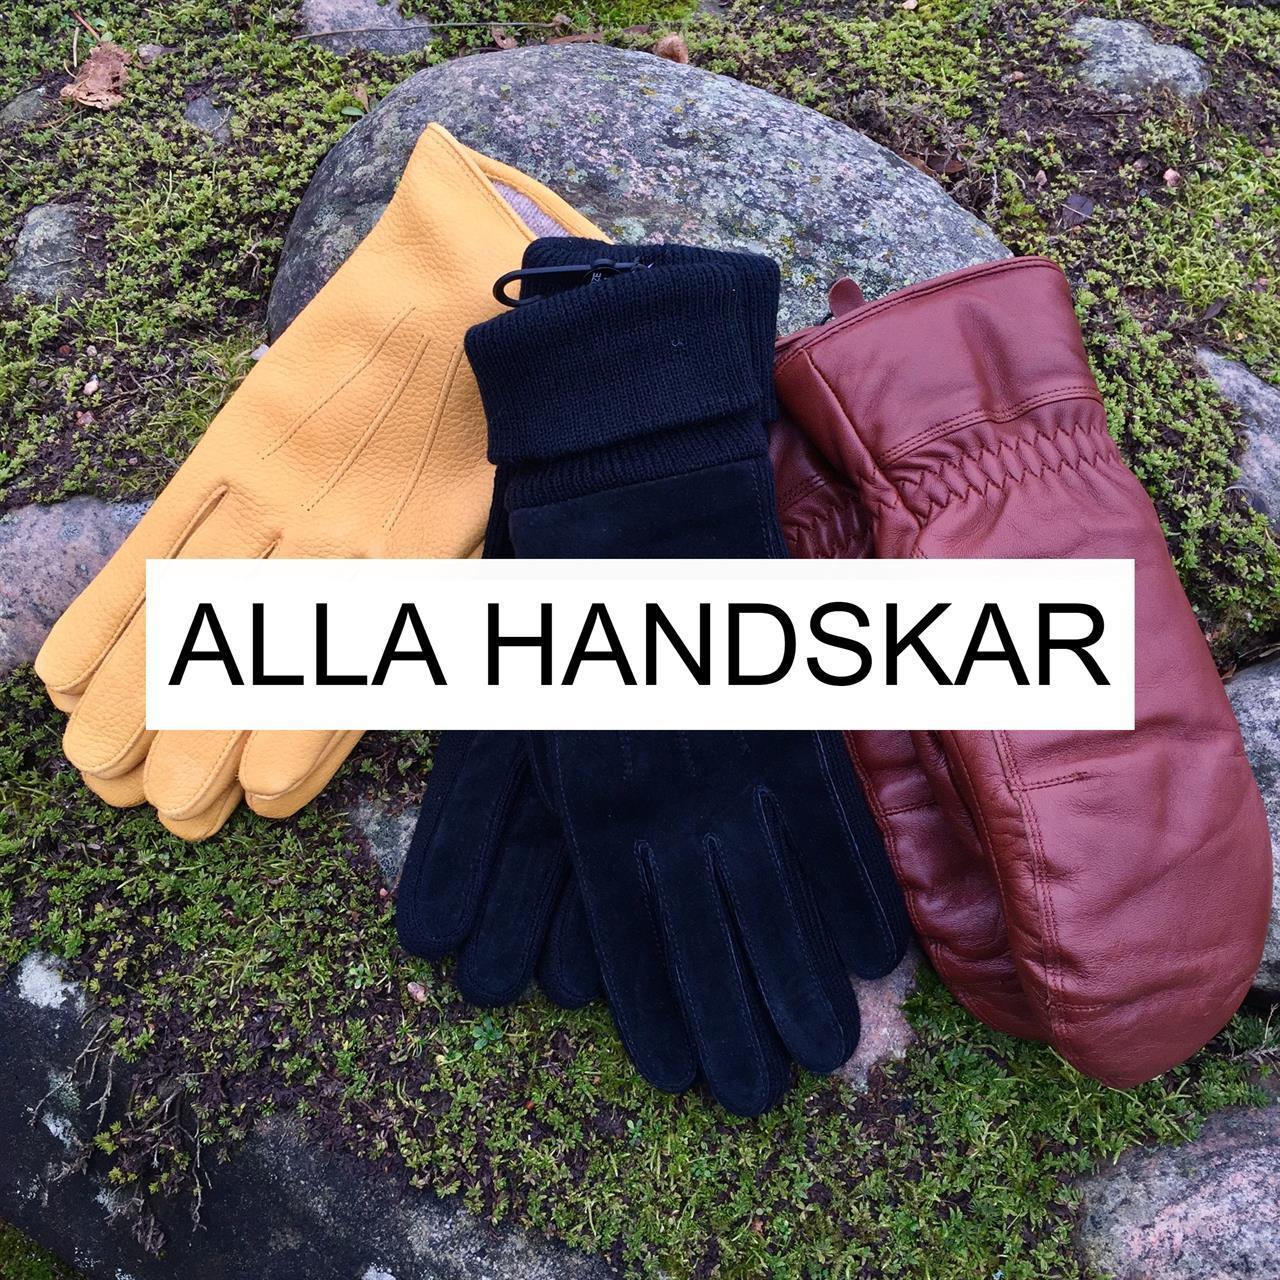 Alla handskar